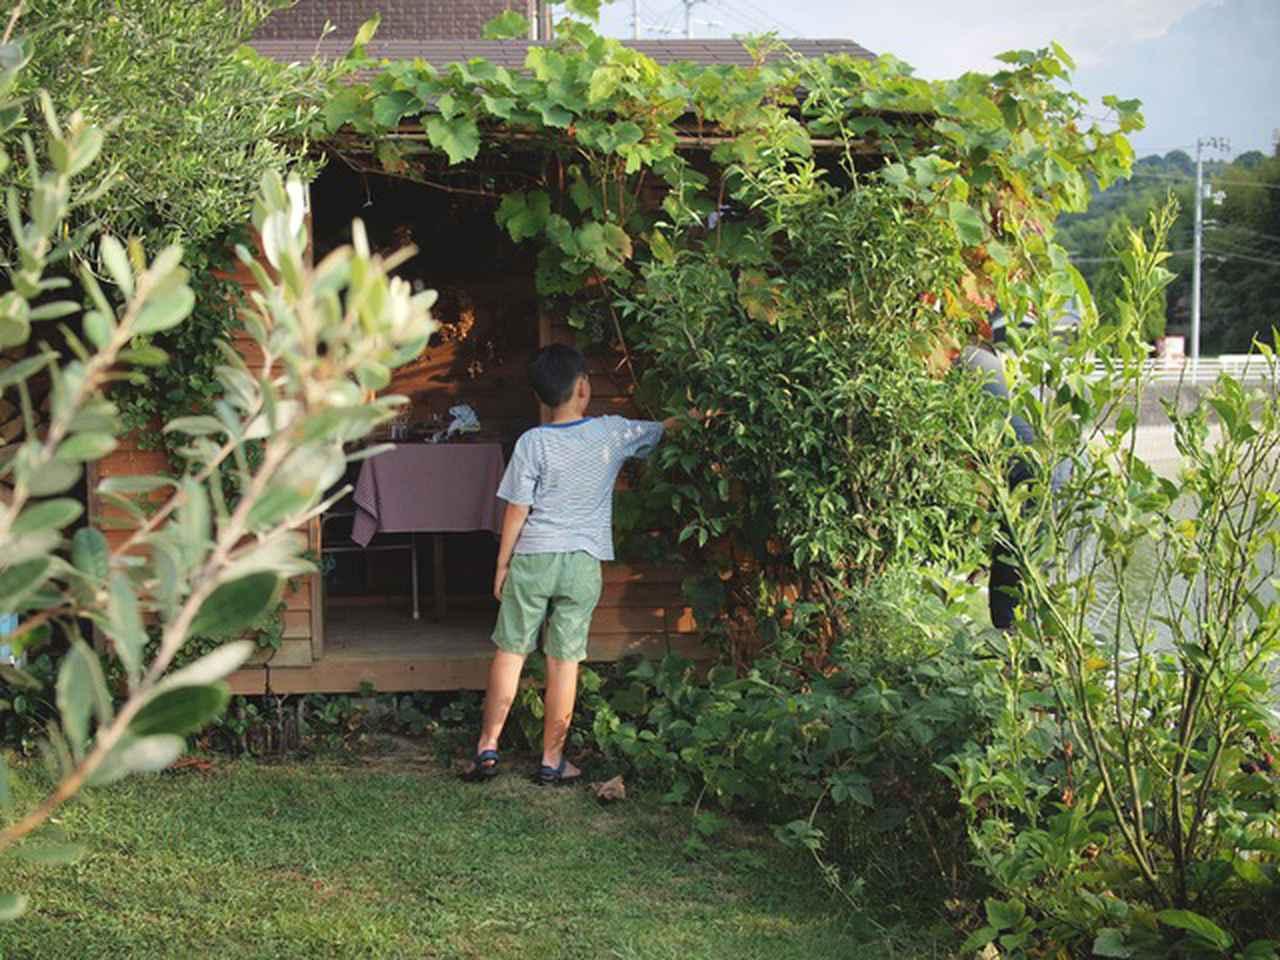 画像: 夫がしげみの奥のブドウを収穫して、息子がかごでキャッチ。ブドウの葉は秋にきれいな紅葉を見せてくれて徐々に落葉していきます